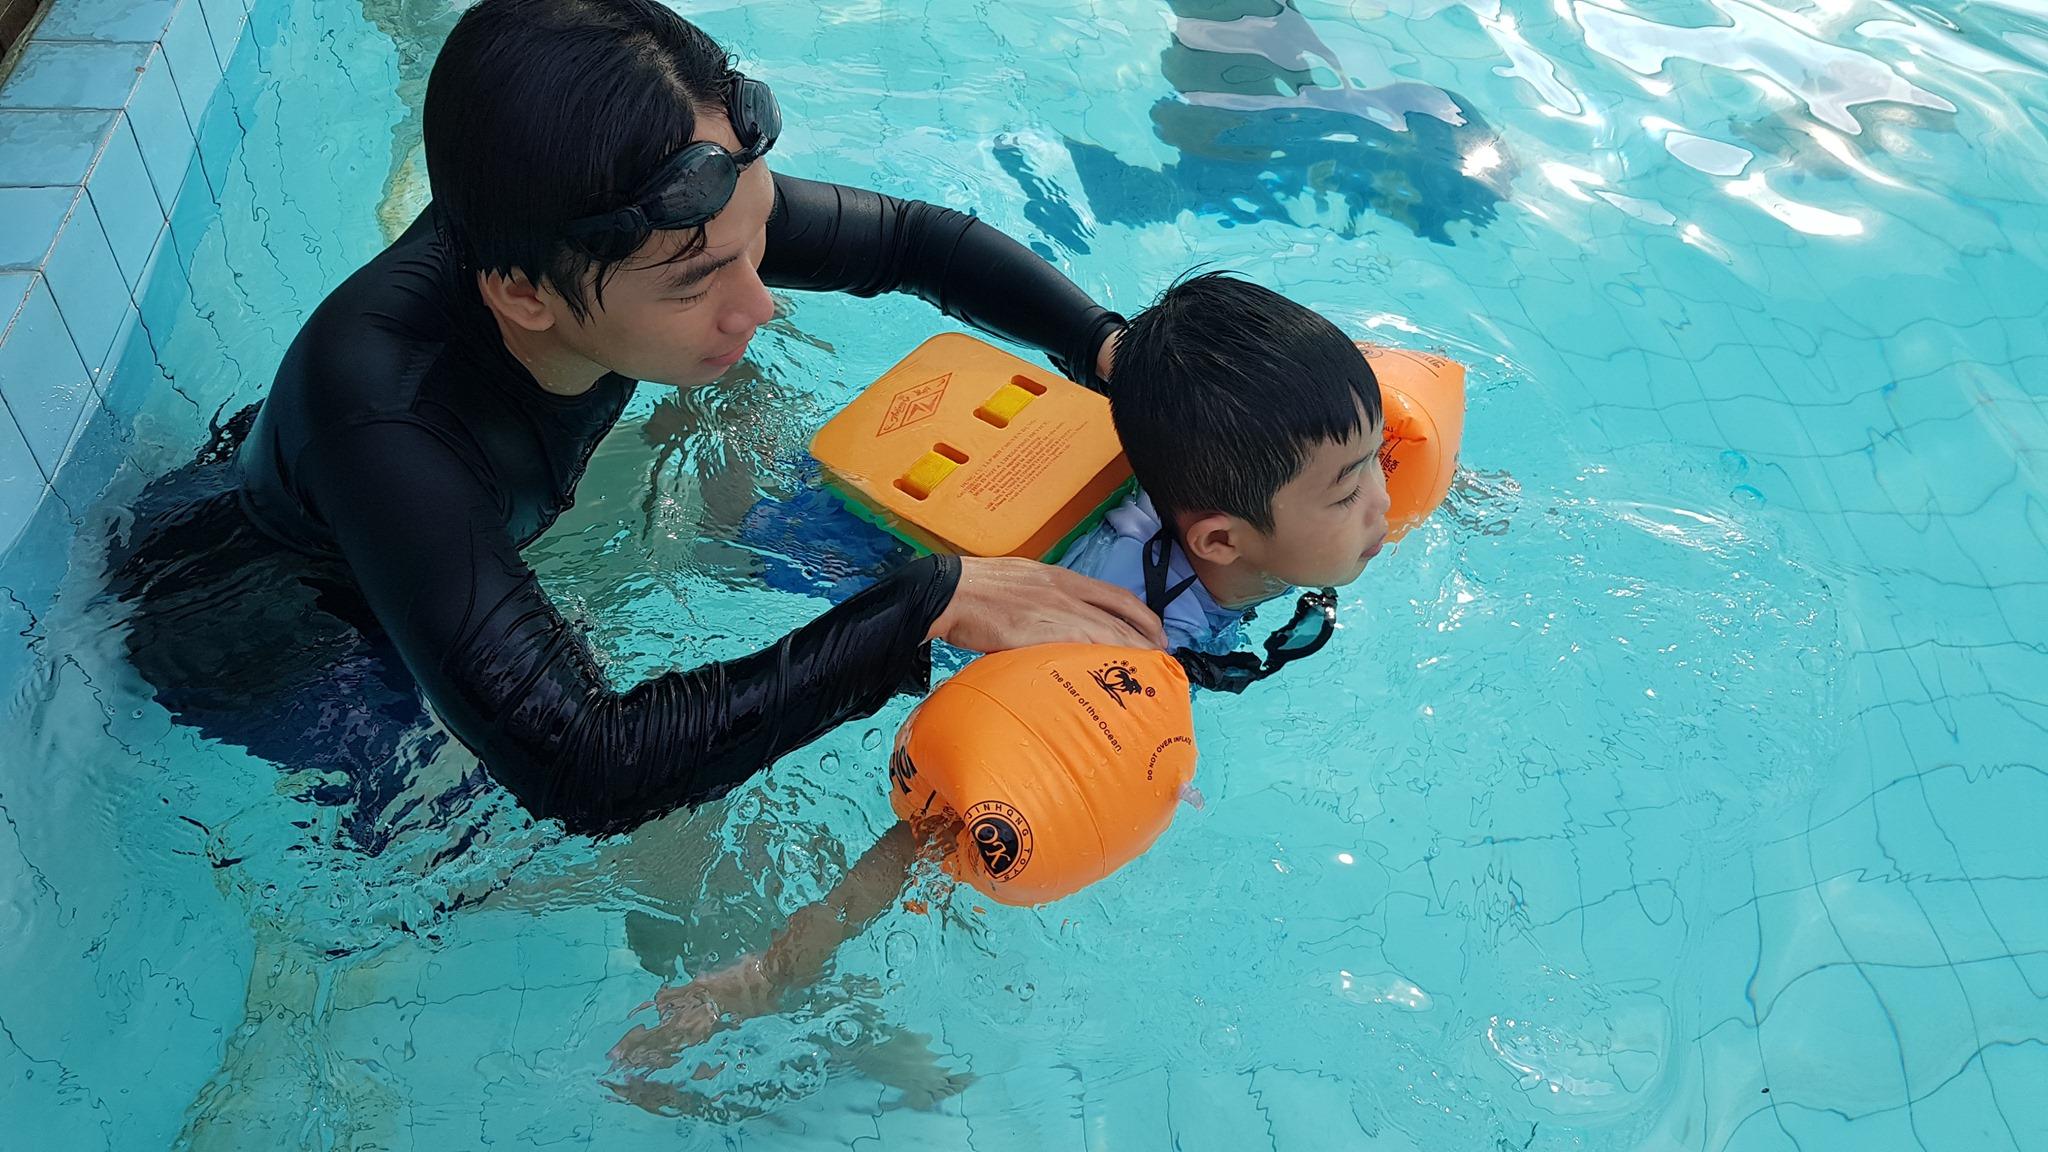 Mùa hè đến rồi, đây là 8 địa chỉ học bơi uy tín ở Hà Nội cho trẻ, cha mẹ nên tham khảo ngay - Ảnh 3.